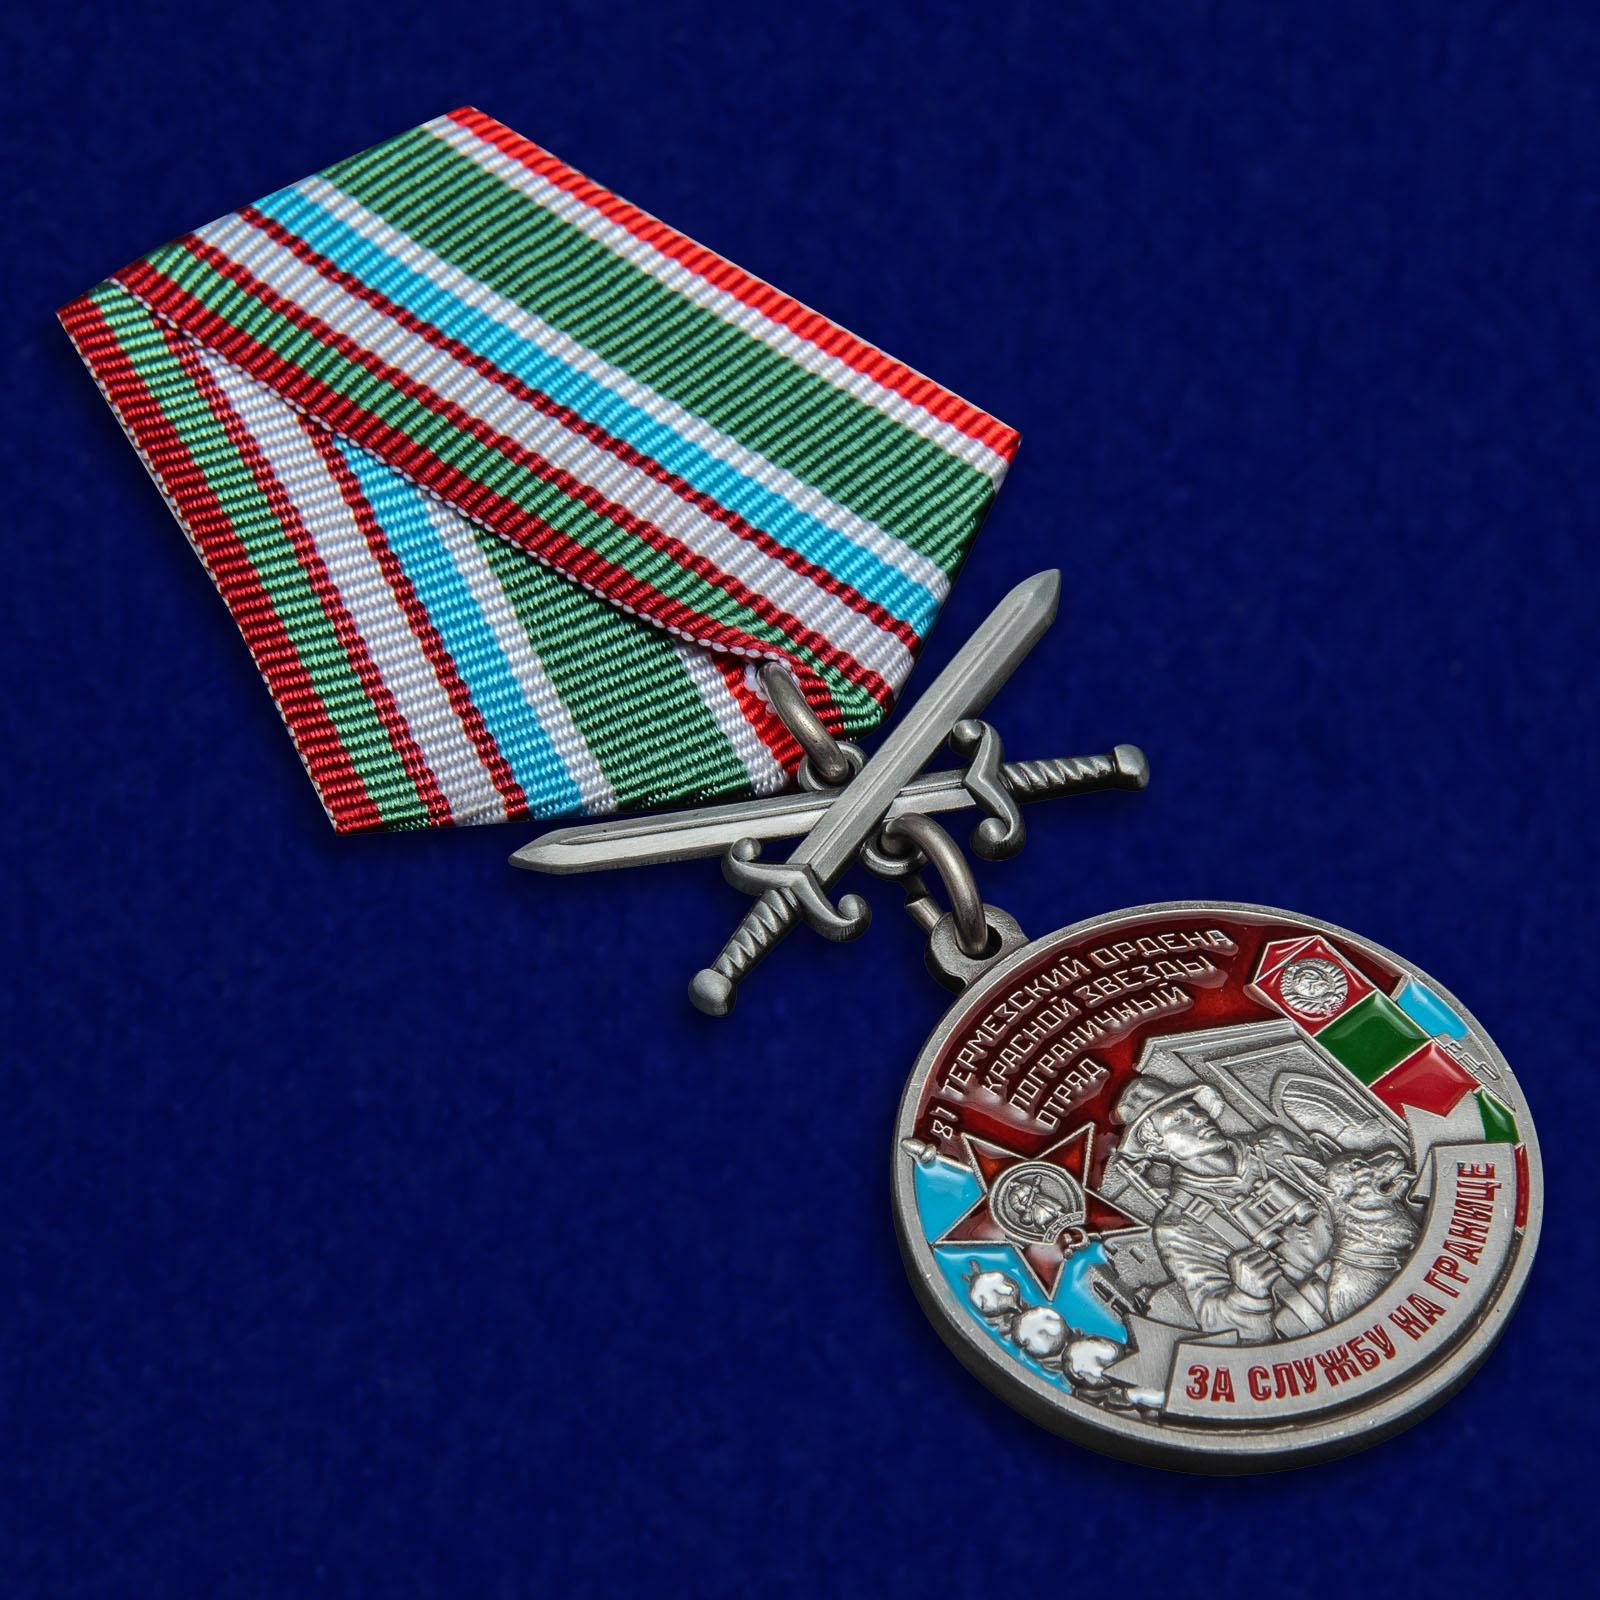 Памятная медаль За службу в Термезском пограничном отряде - общий вид